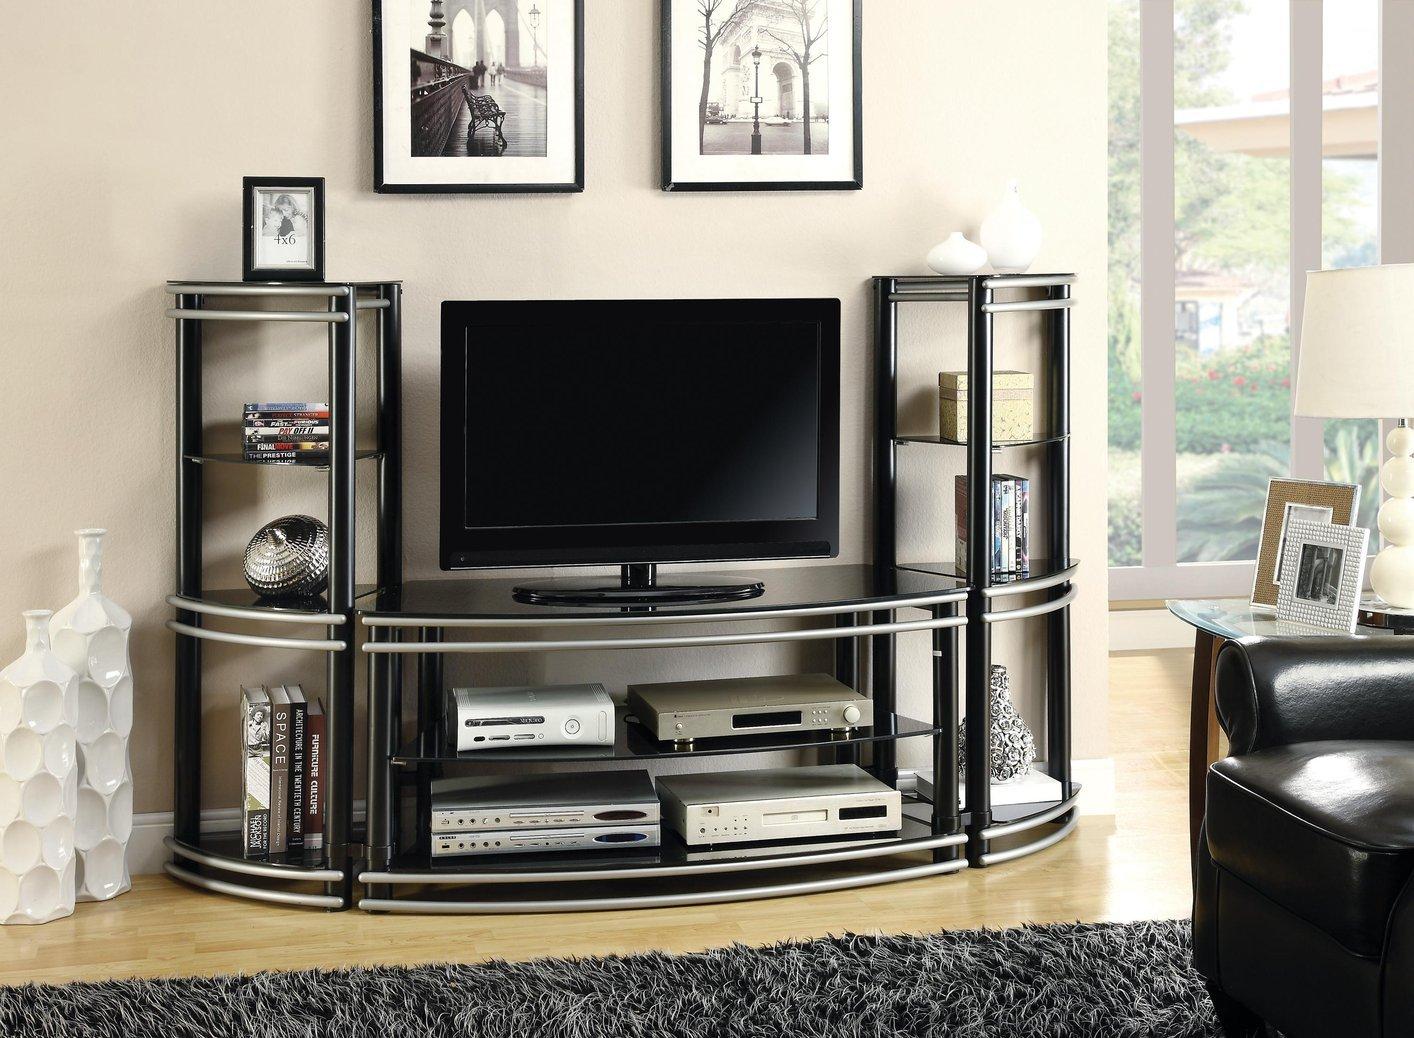 Тумба по телевизор из металла и стекла